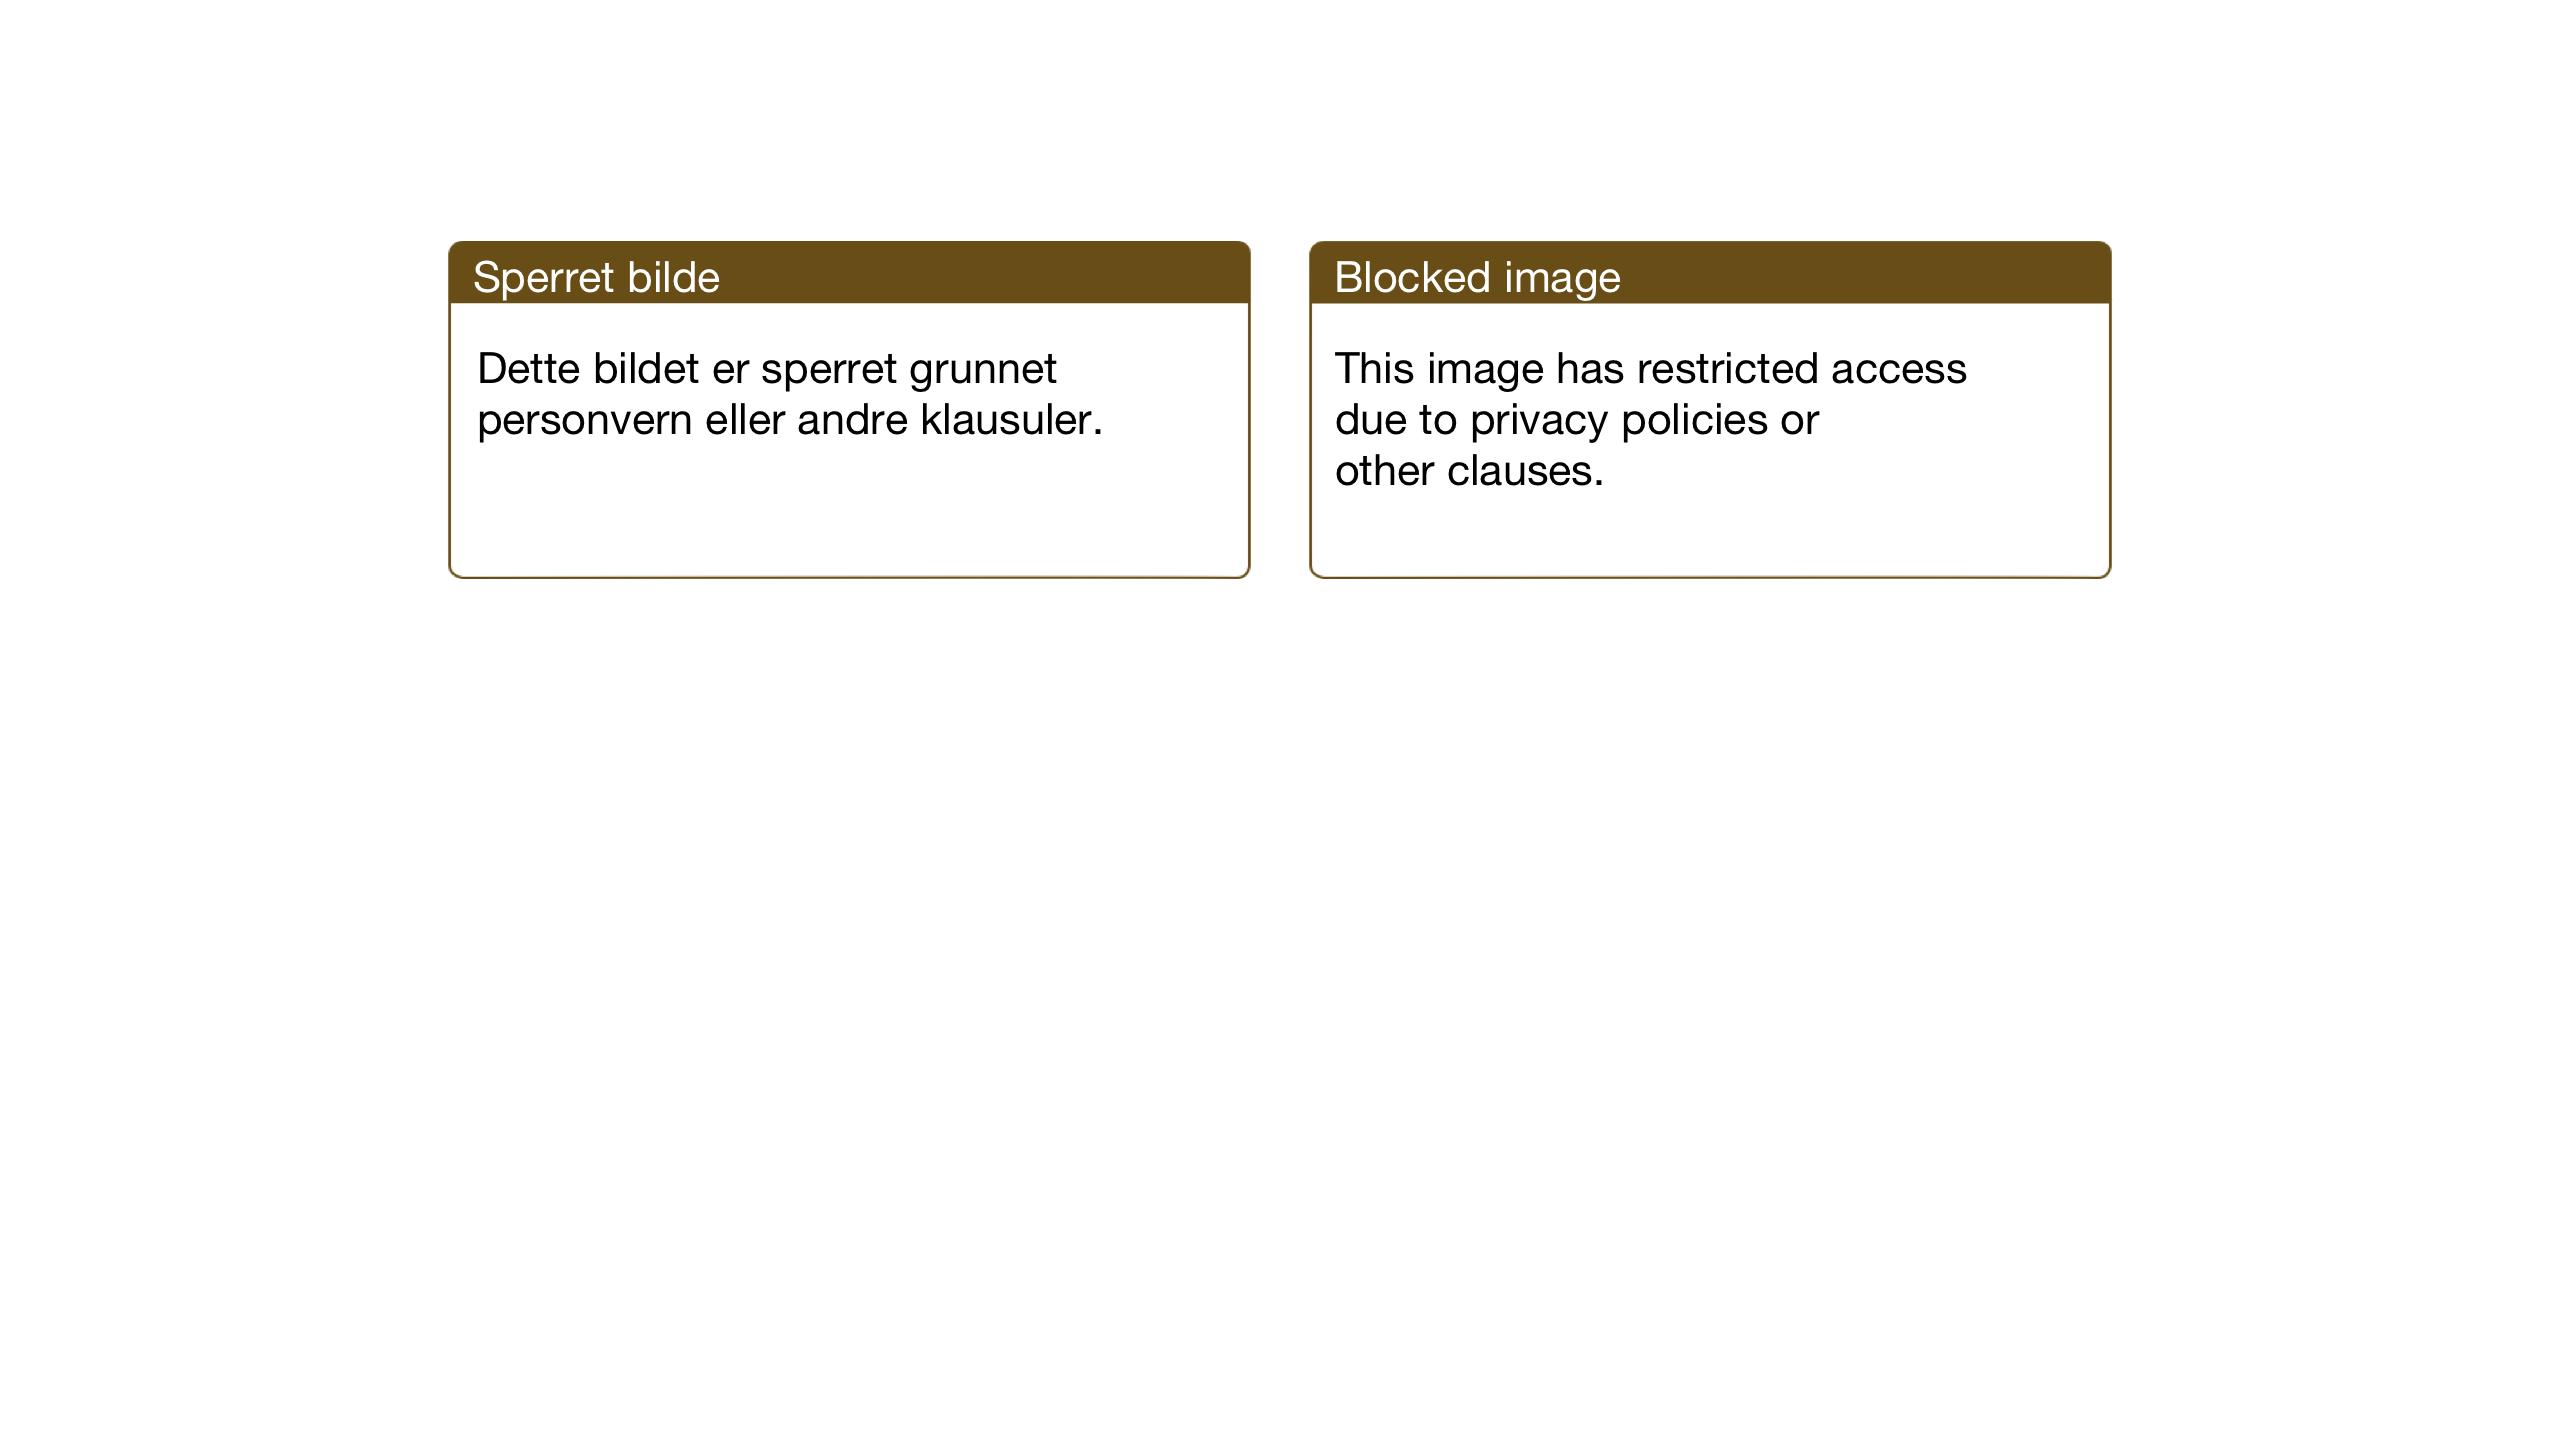 SAT, Ministerialprotokoller, klokkerbøker og fødselsregistre - Sør-Trøndelag, 604/L0227: Klokkerbok nr. 604C10, 1923-1942, s. 80